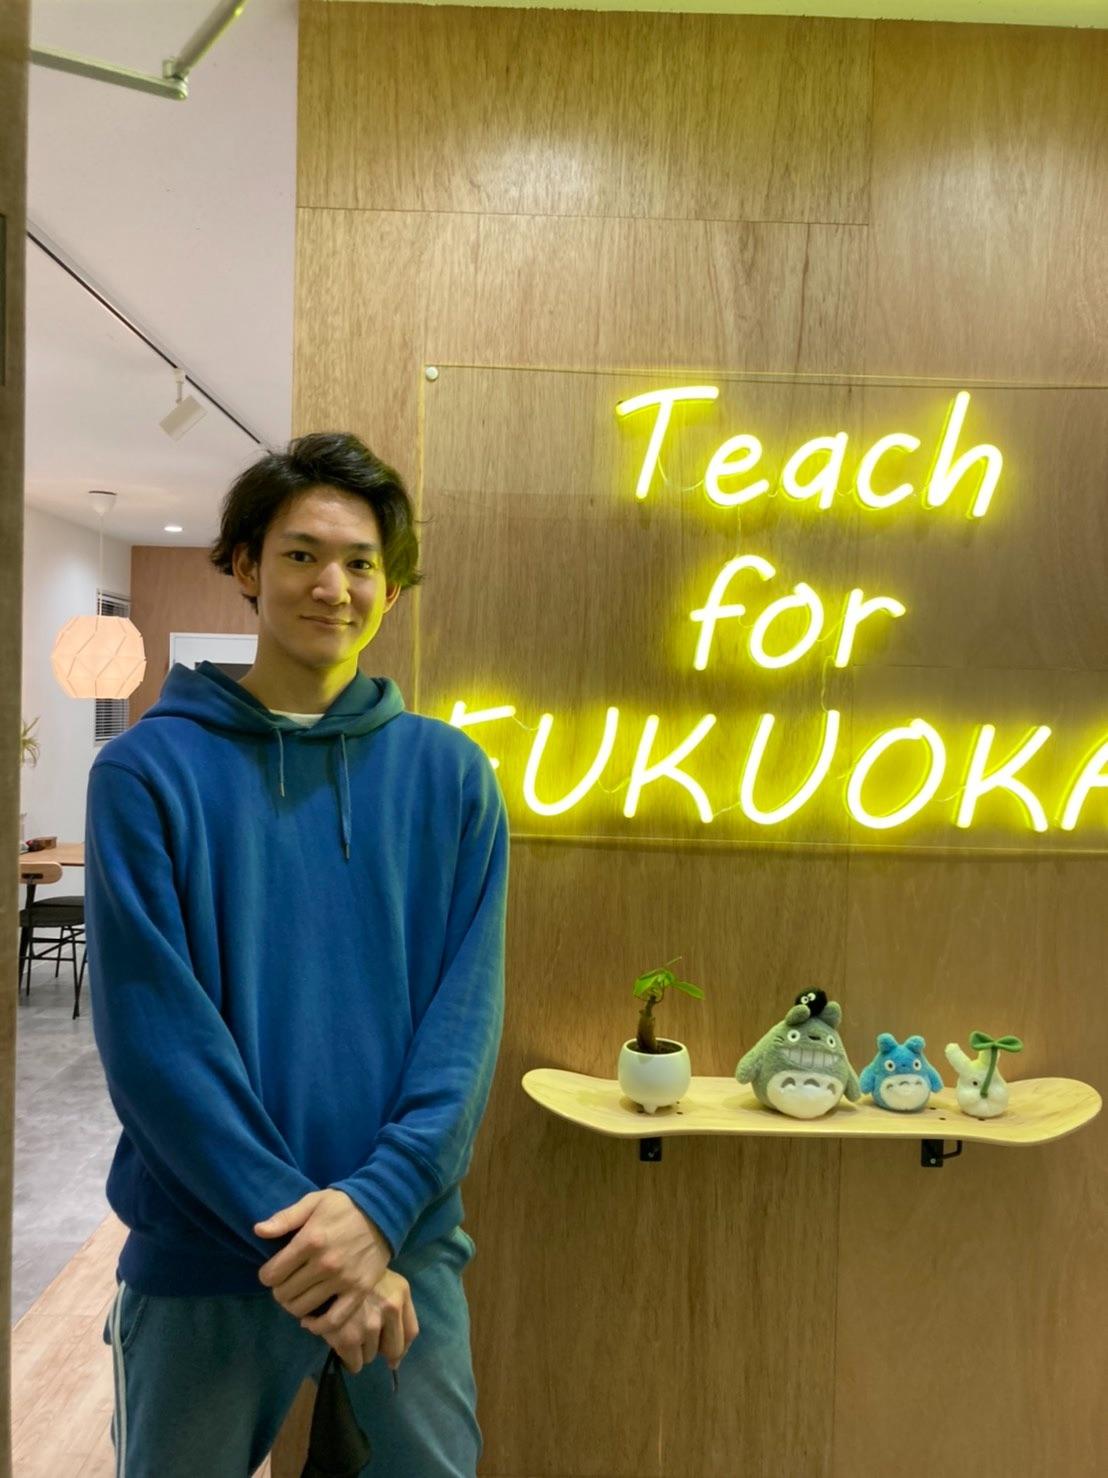 f:id:TeachforFUKUOKA:20210517000540j:image